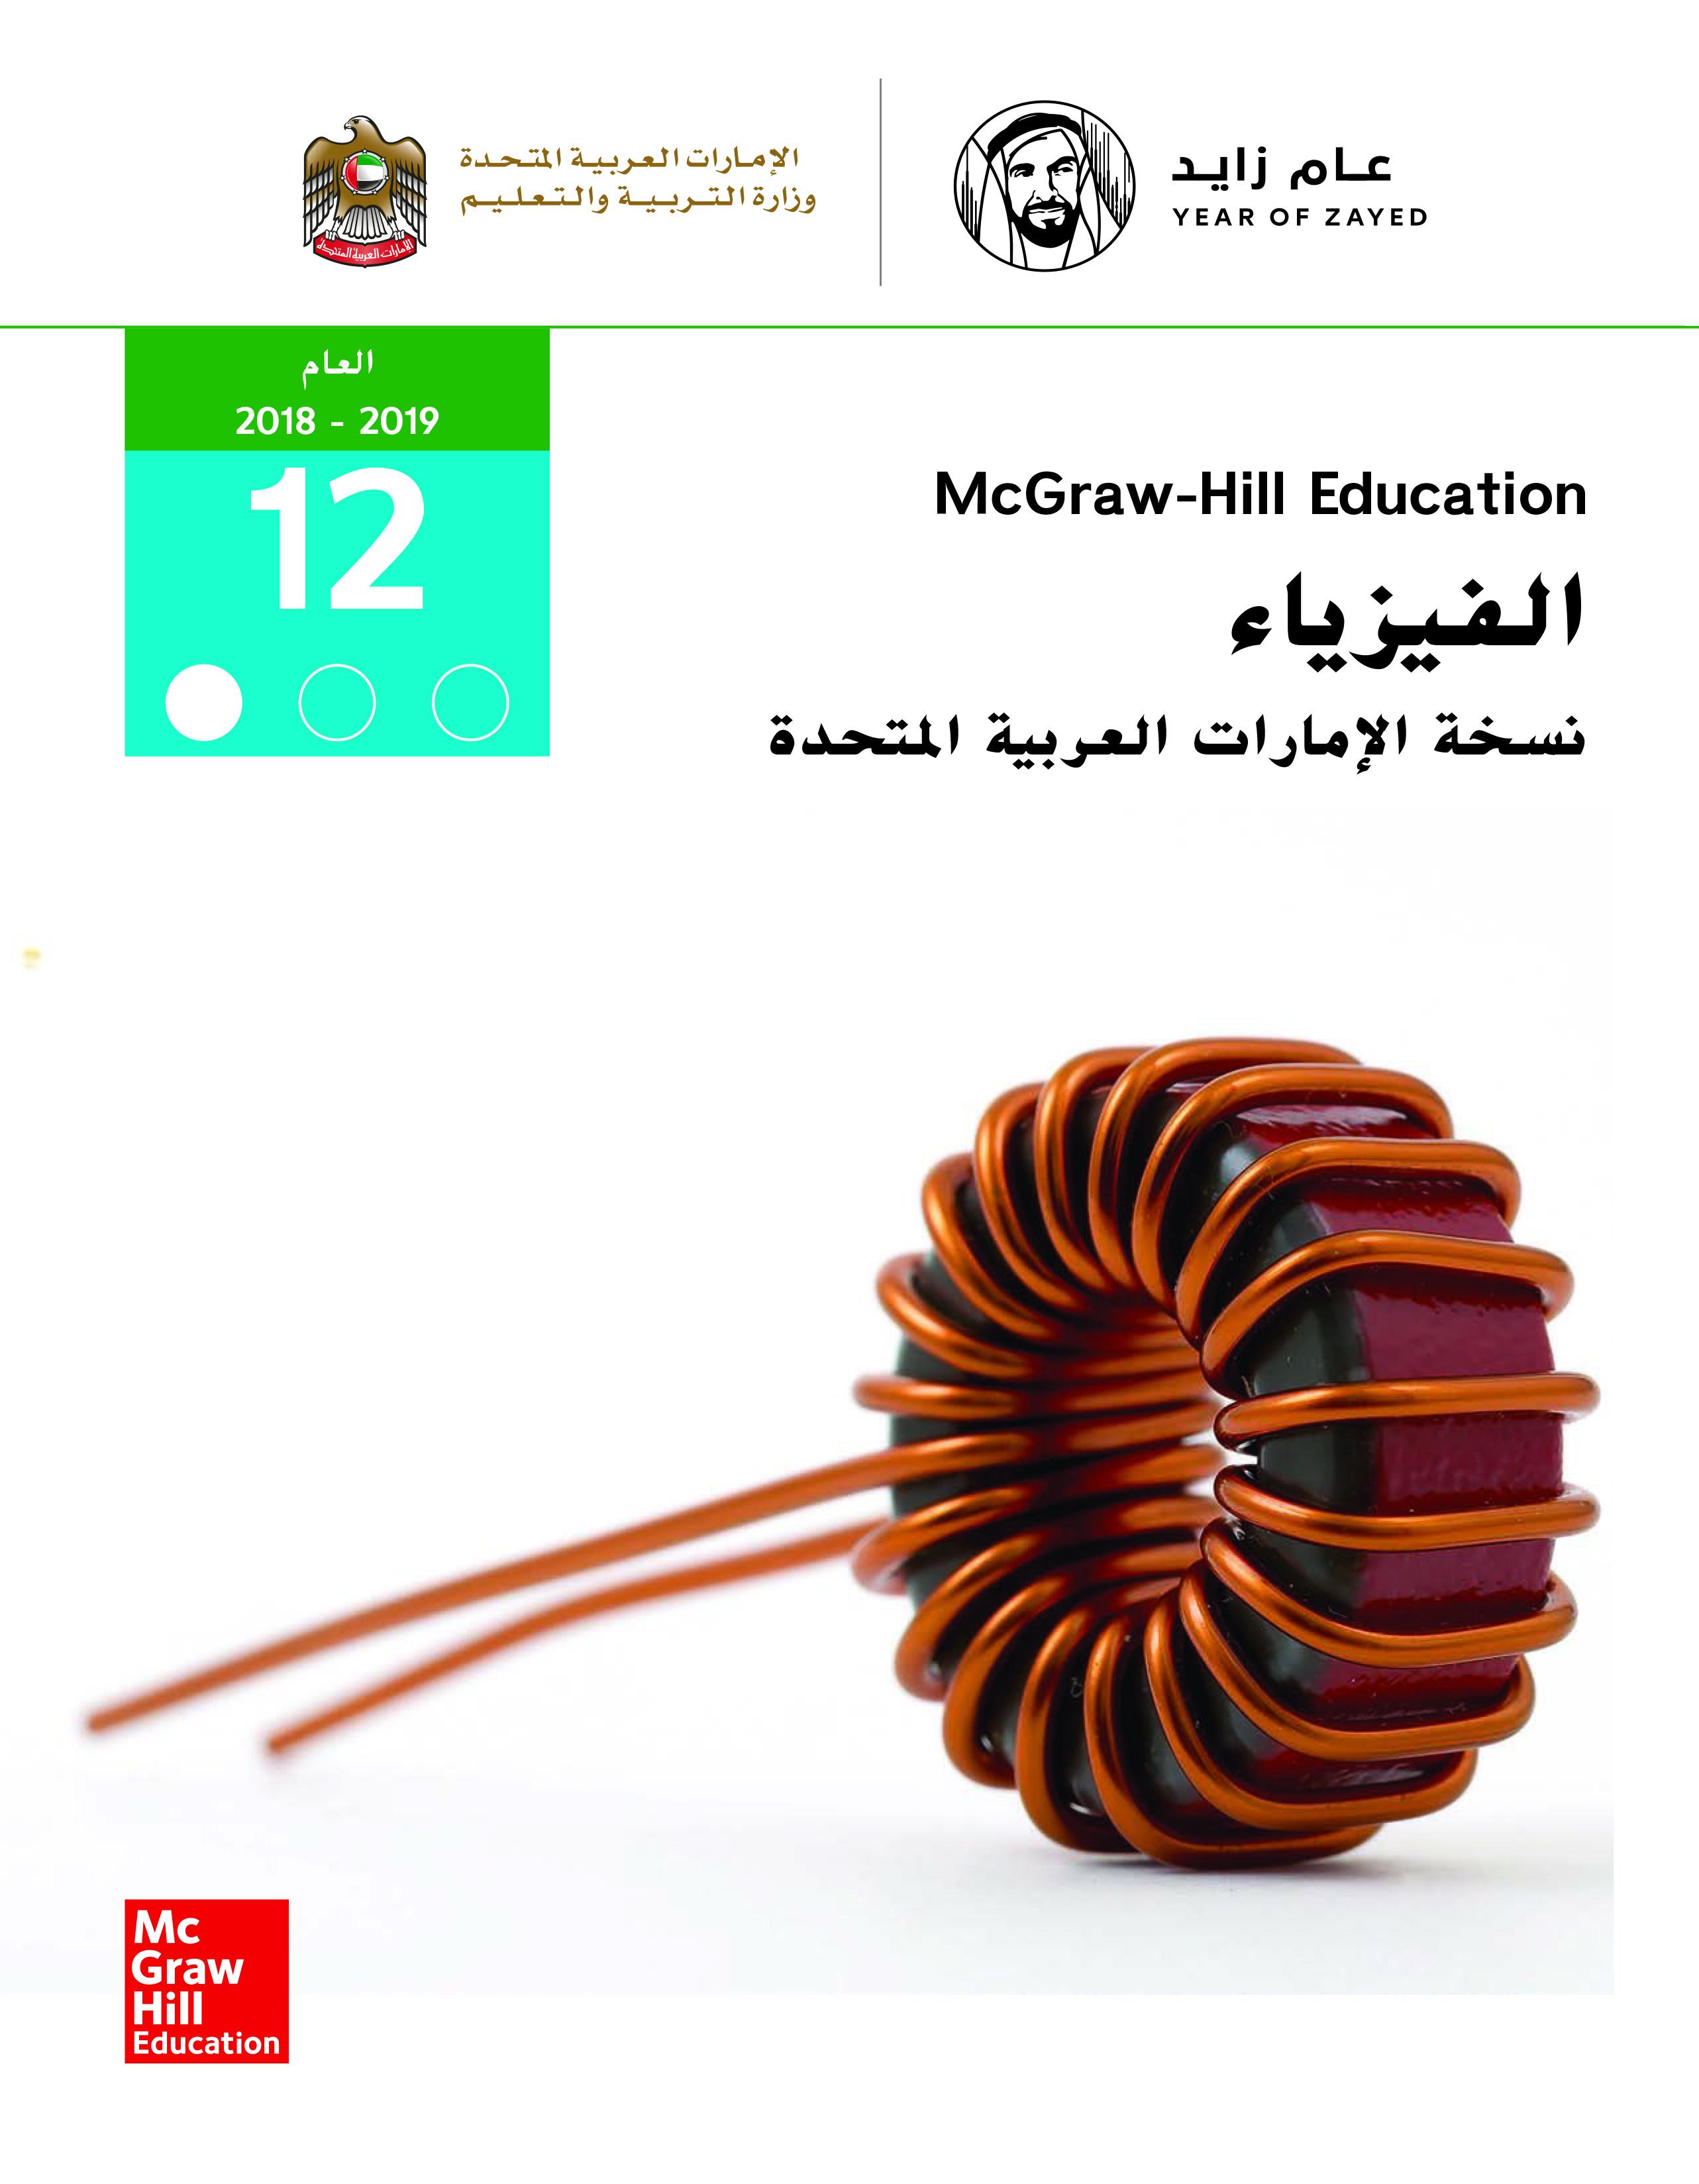 الفيزياء - كتاب الطالب - الصف الثاني عشر العام - الجزء الأول